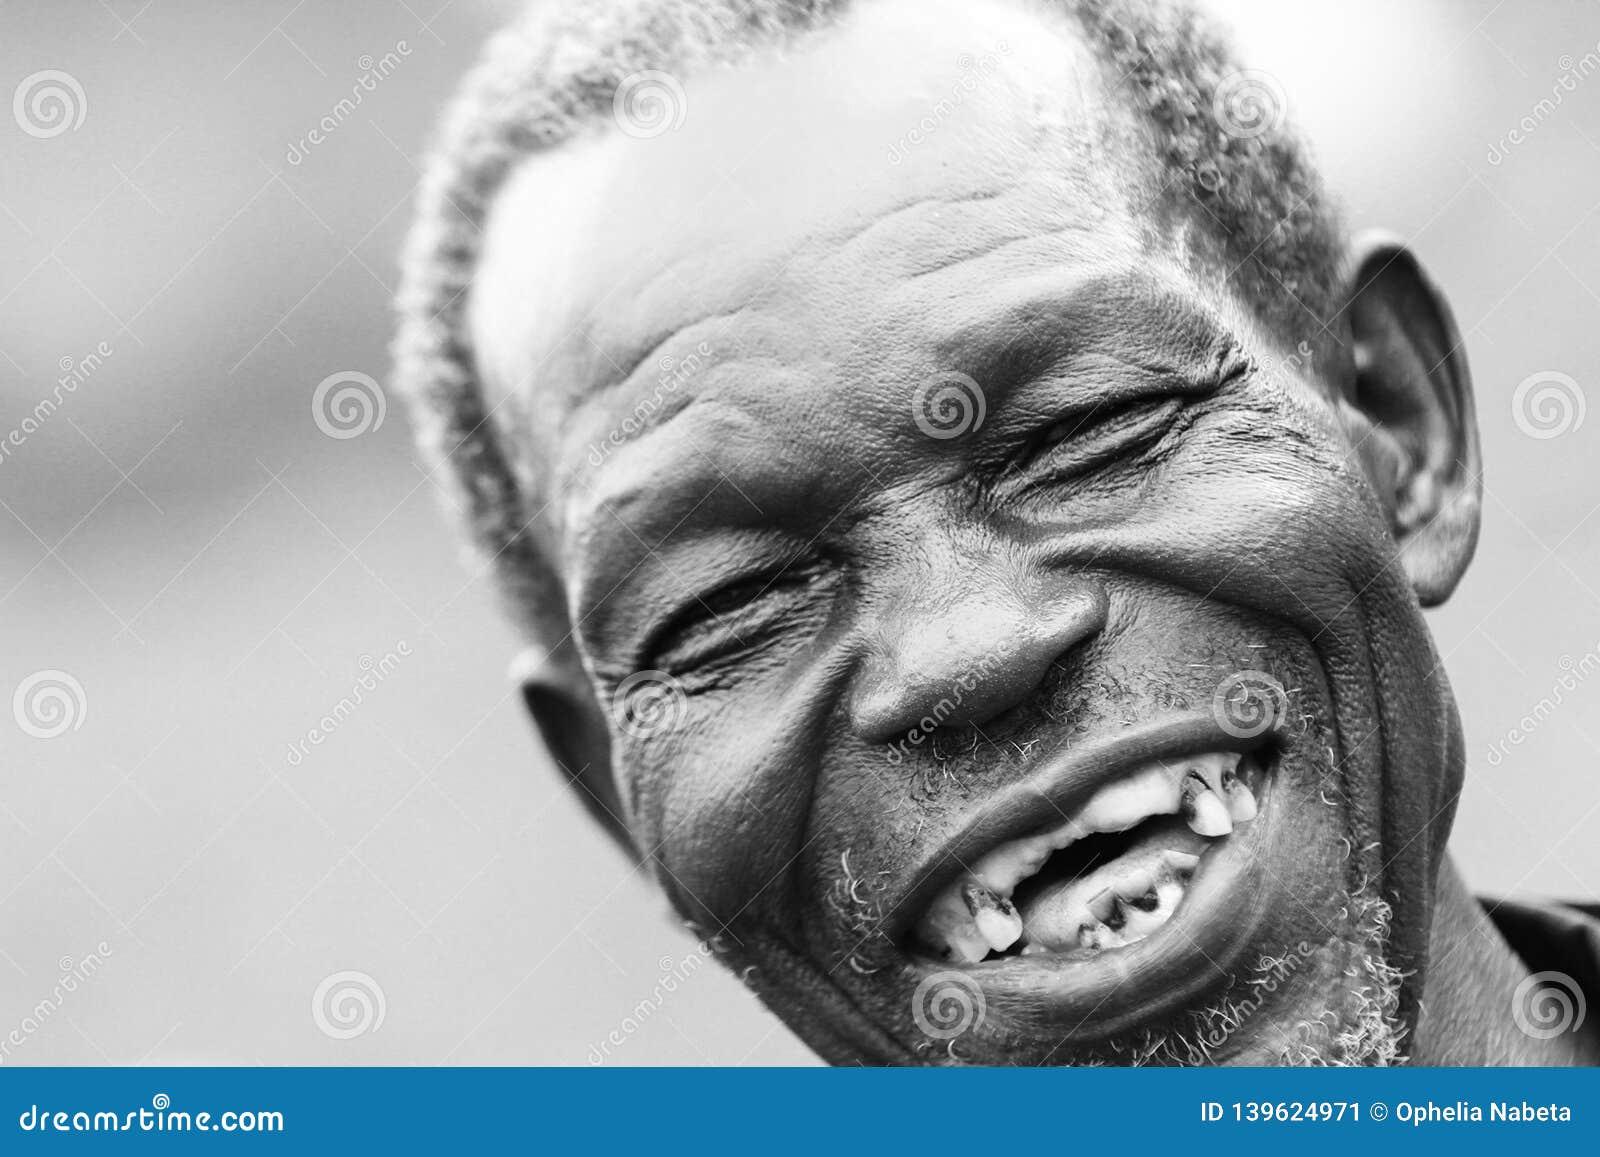 Mann zähne alter ohne Zähne aufhellen: